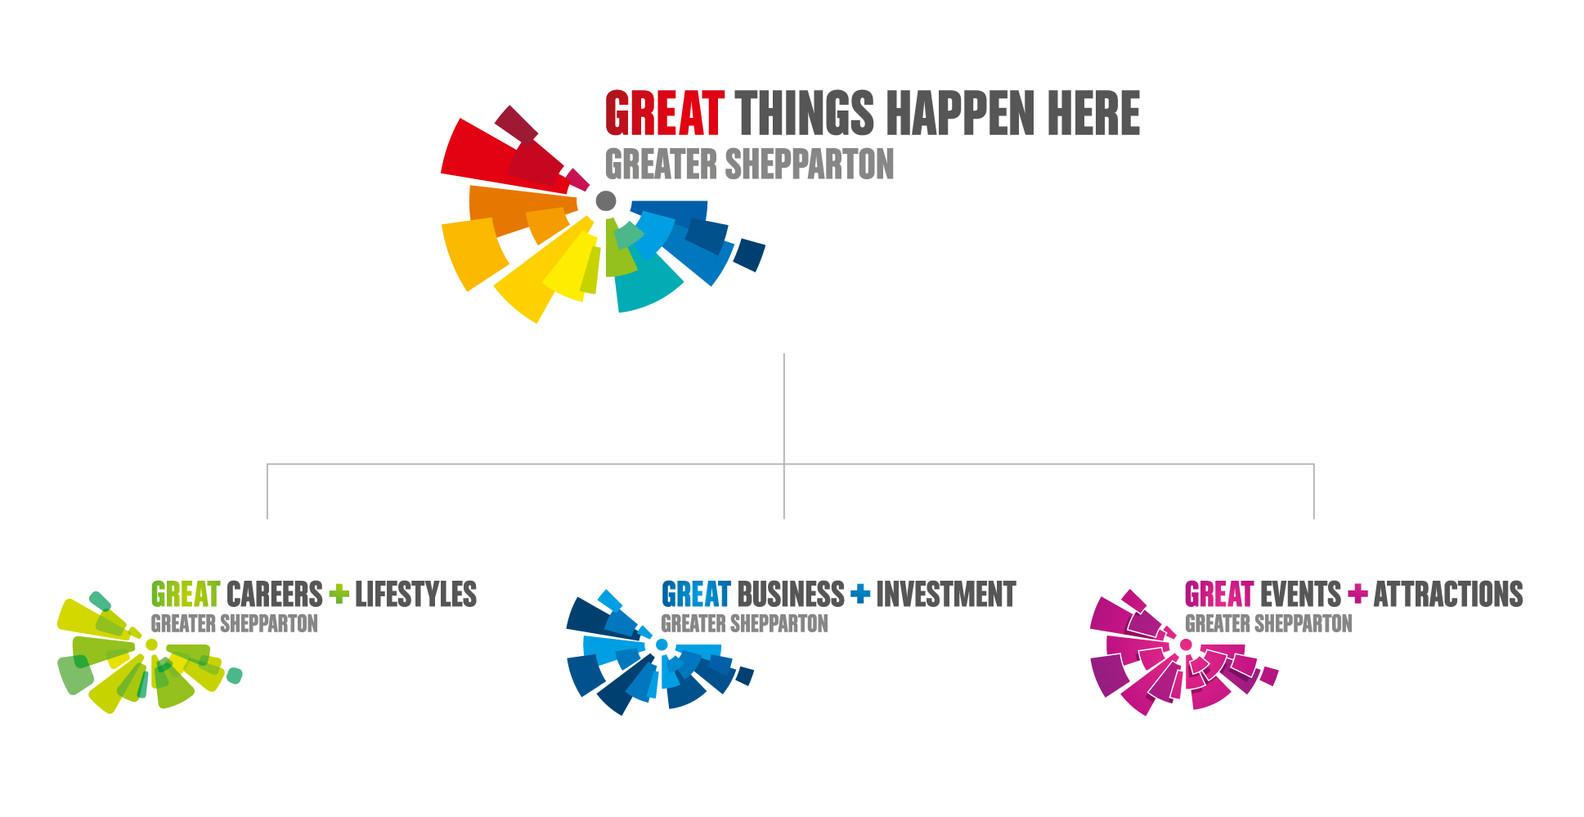 GreatThings_Branding_2.jpg